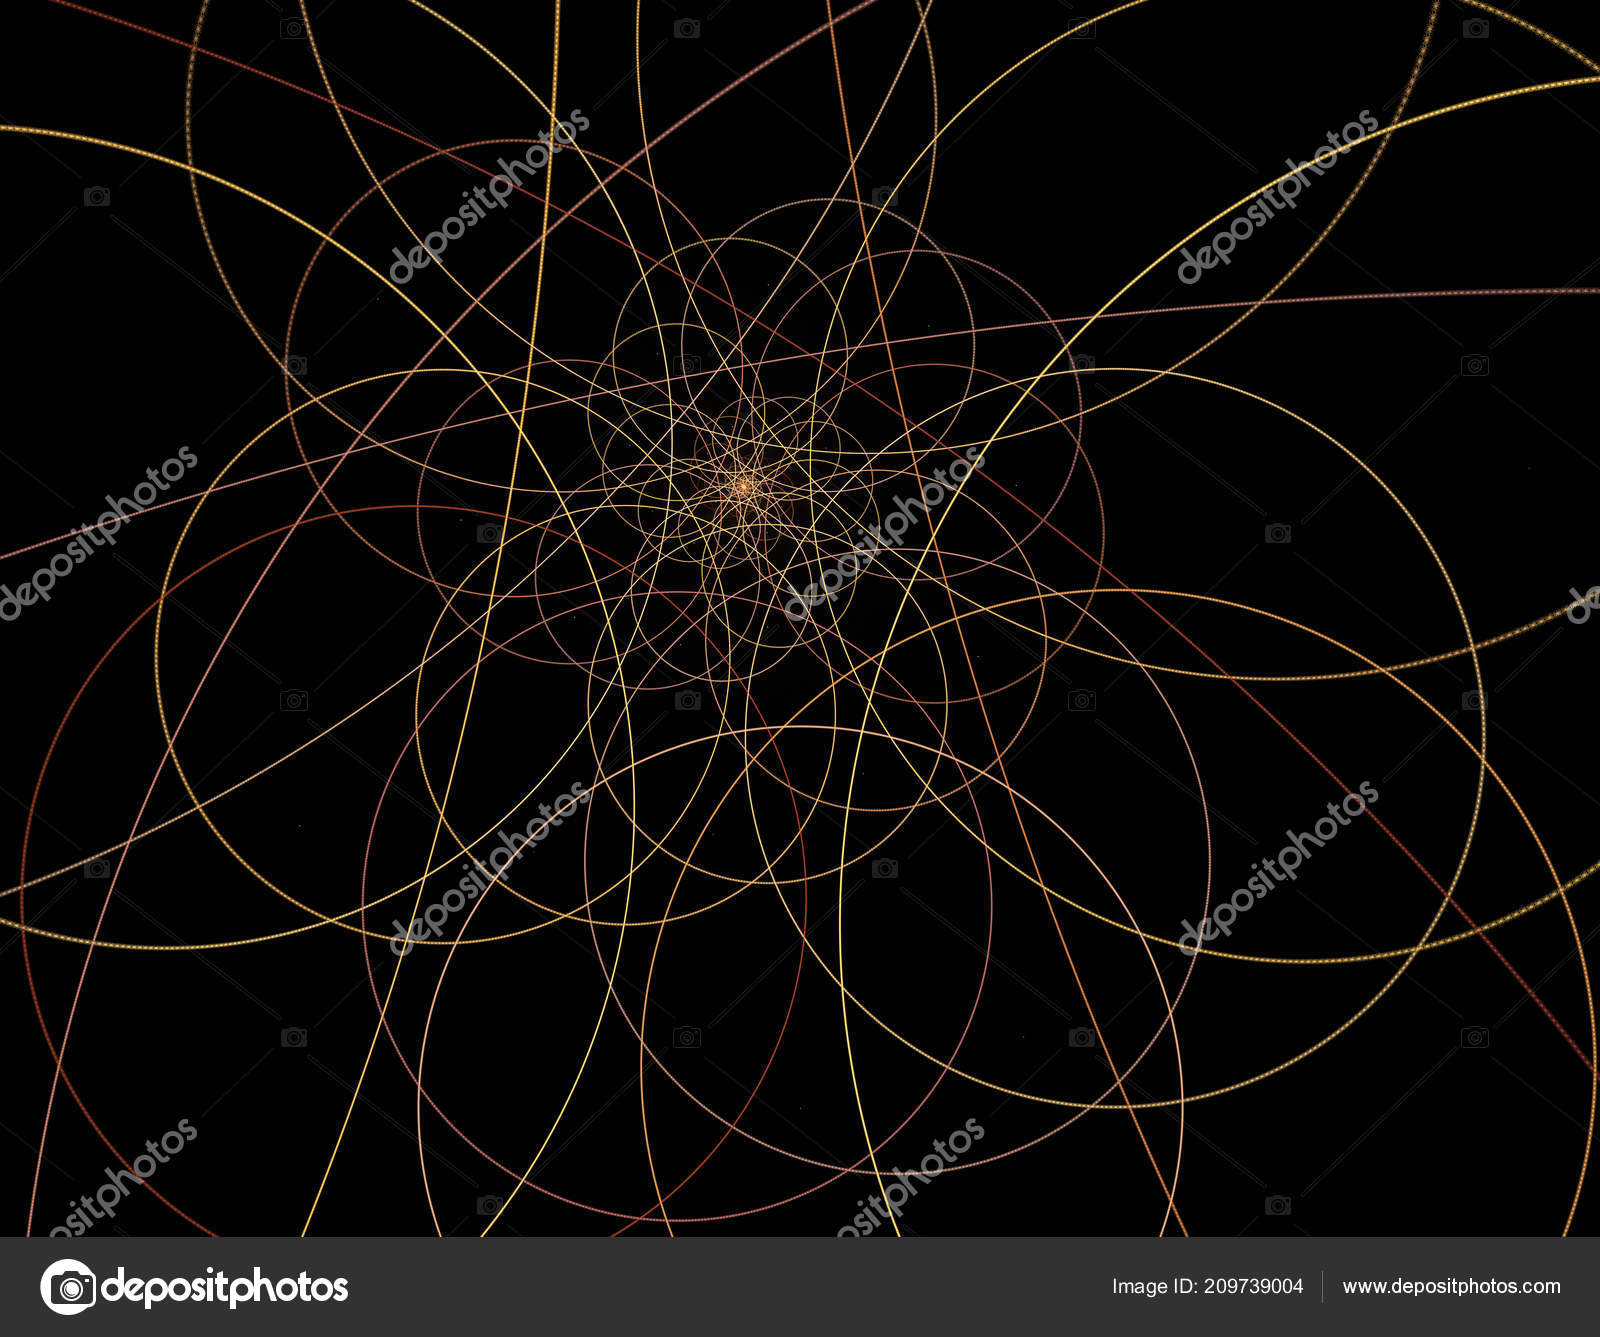 teoria das cordas processos físicos teoria quântica entrelaçamentoprocessos físicos e a teoria quântica entrelaçamento quântico um computador abstrato gerado pelo projeto fractal moderno em fundo escuro